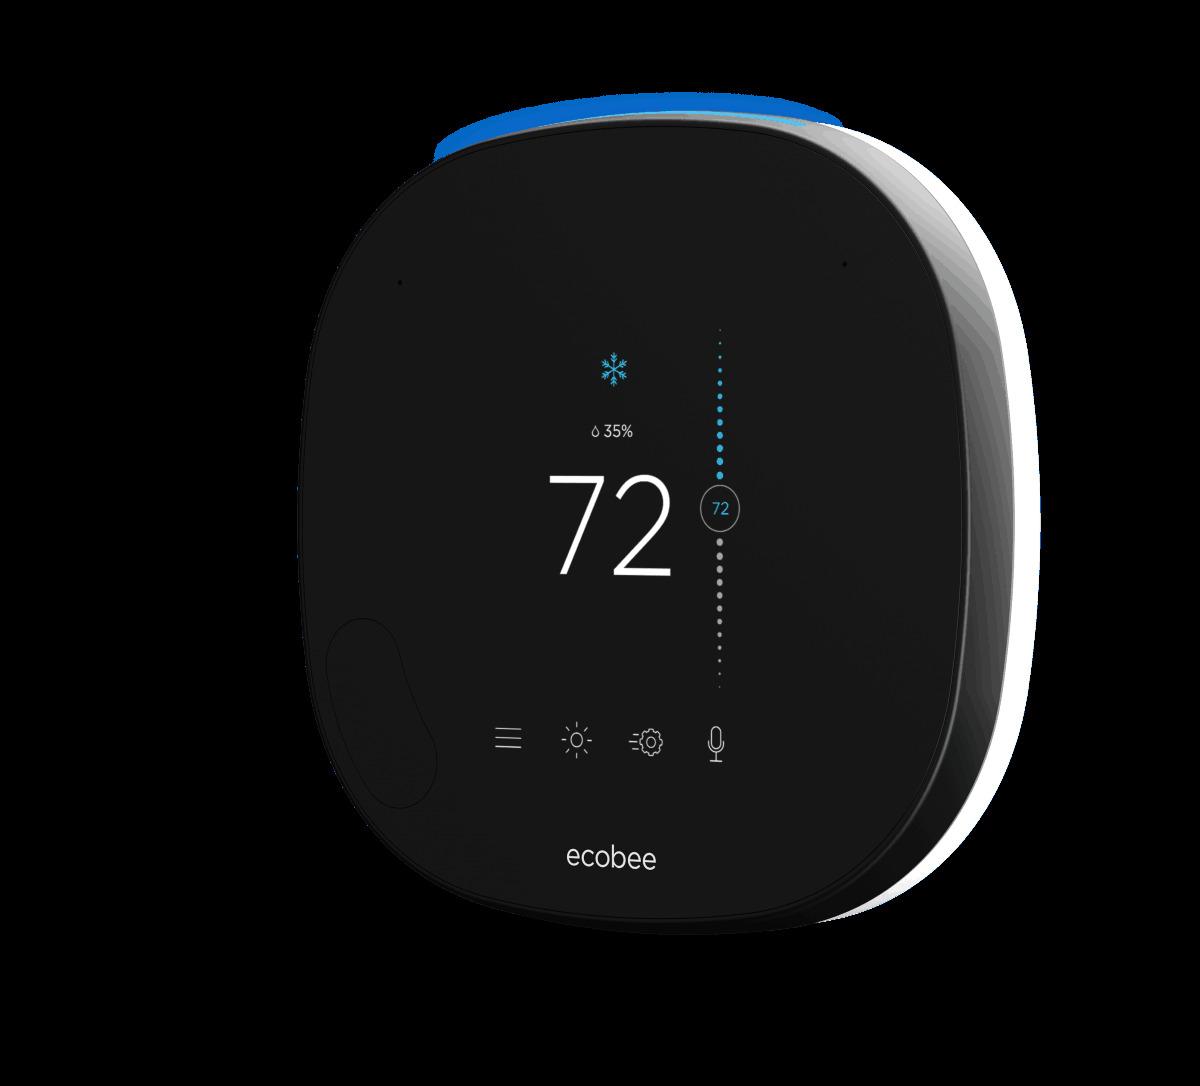 Un termostato inteligente ecobee montado en la pared